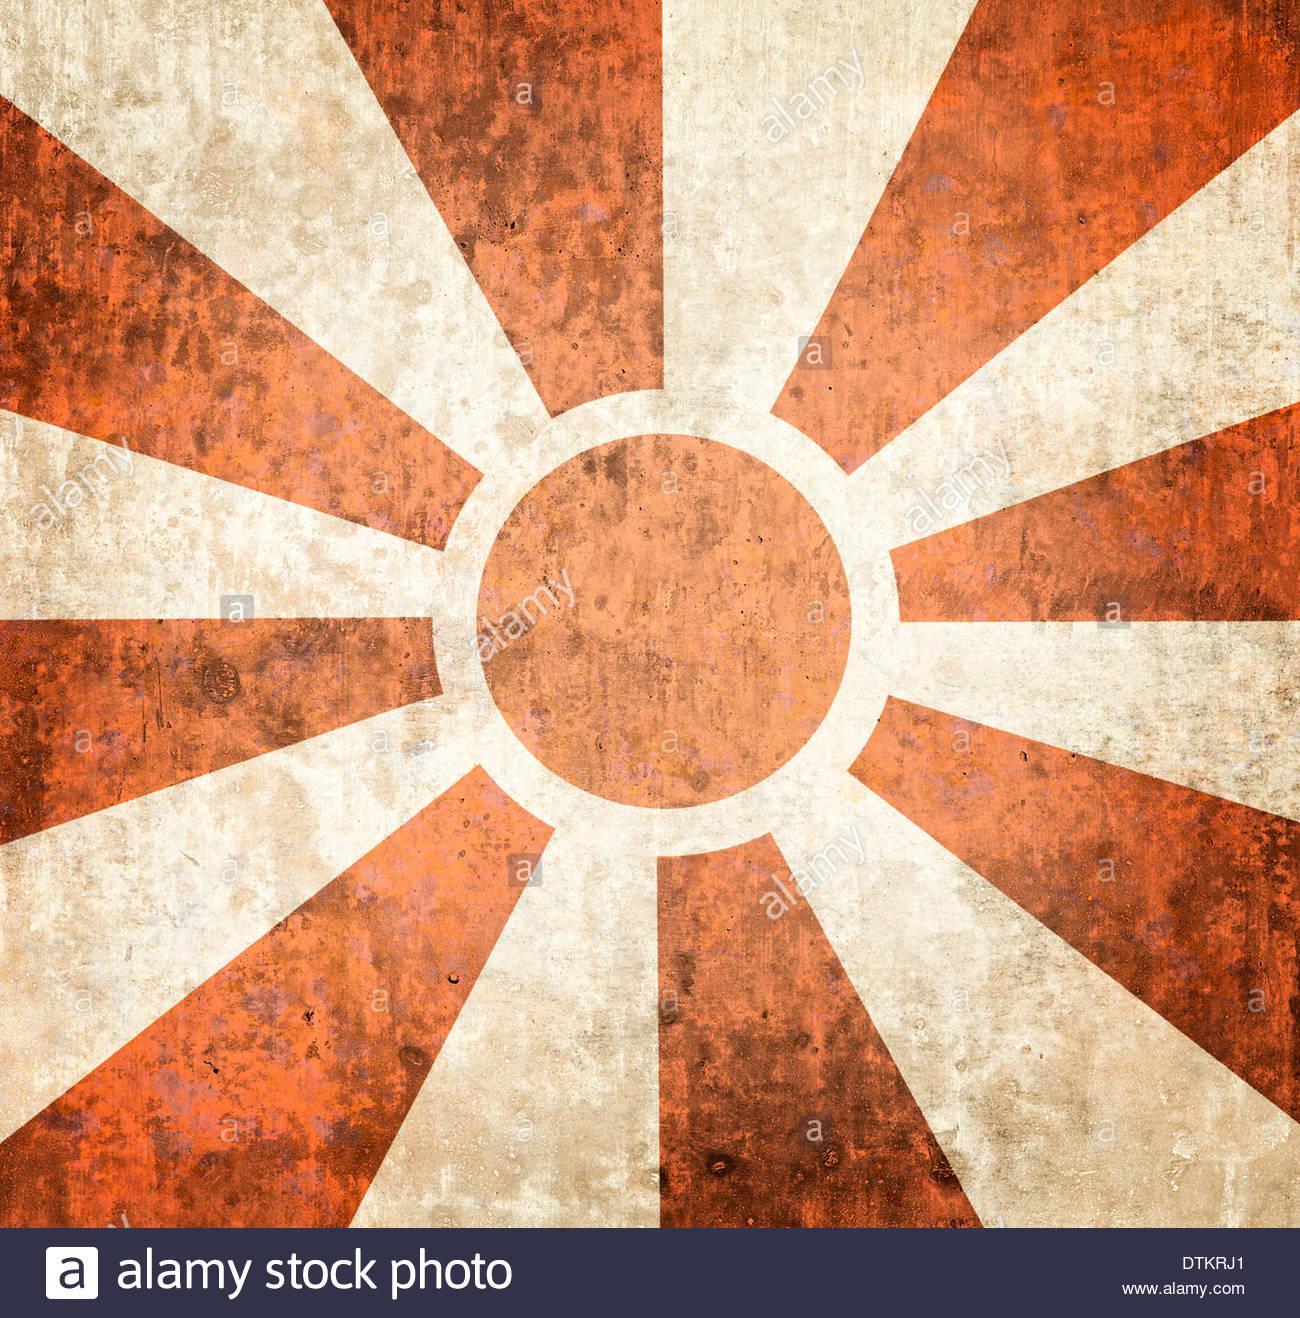 Poster design background hd -  Poster Design Background Of Multiple Orange Sunbeams On Download